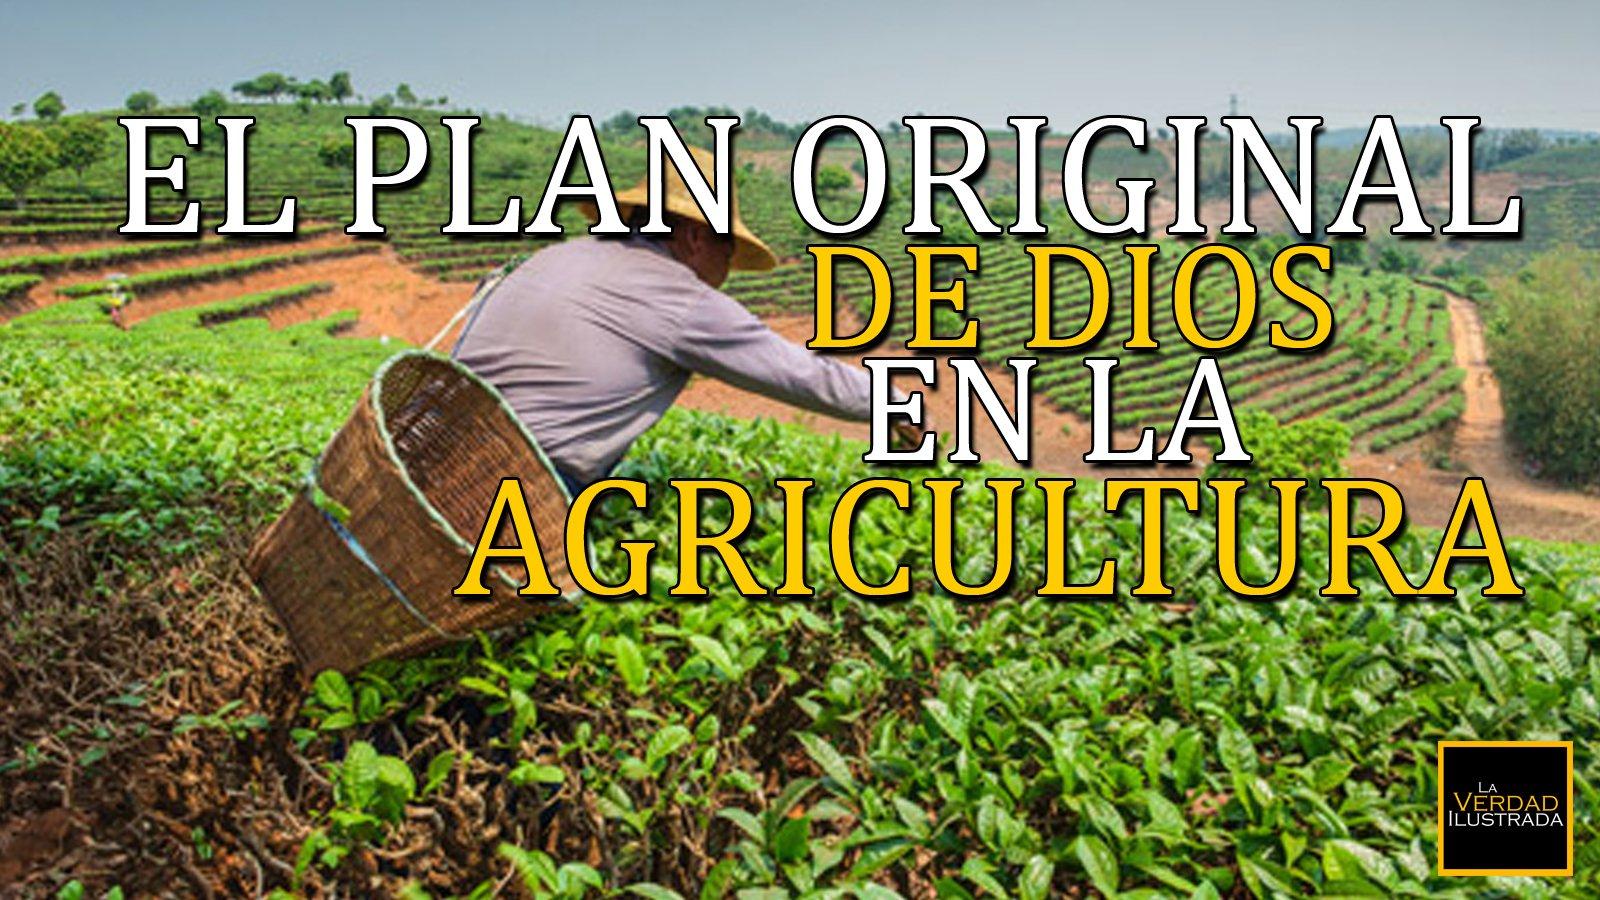 El plan original de Dios en la agricultura